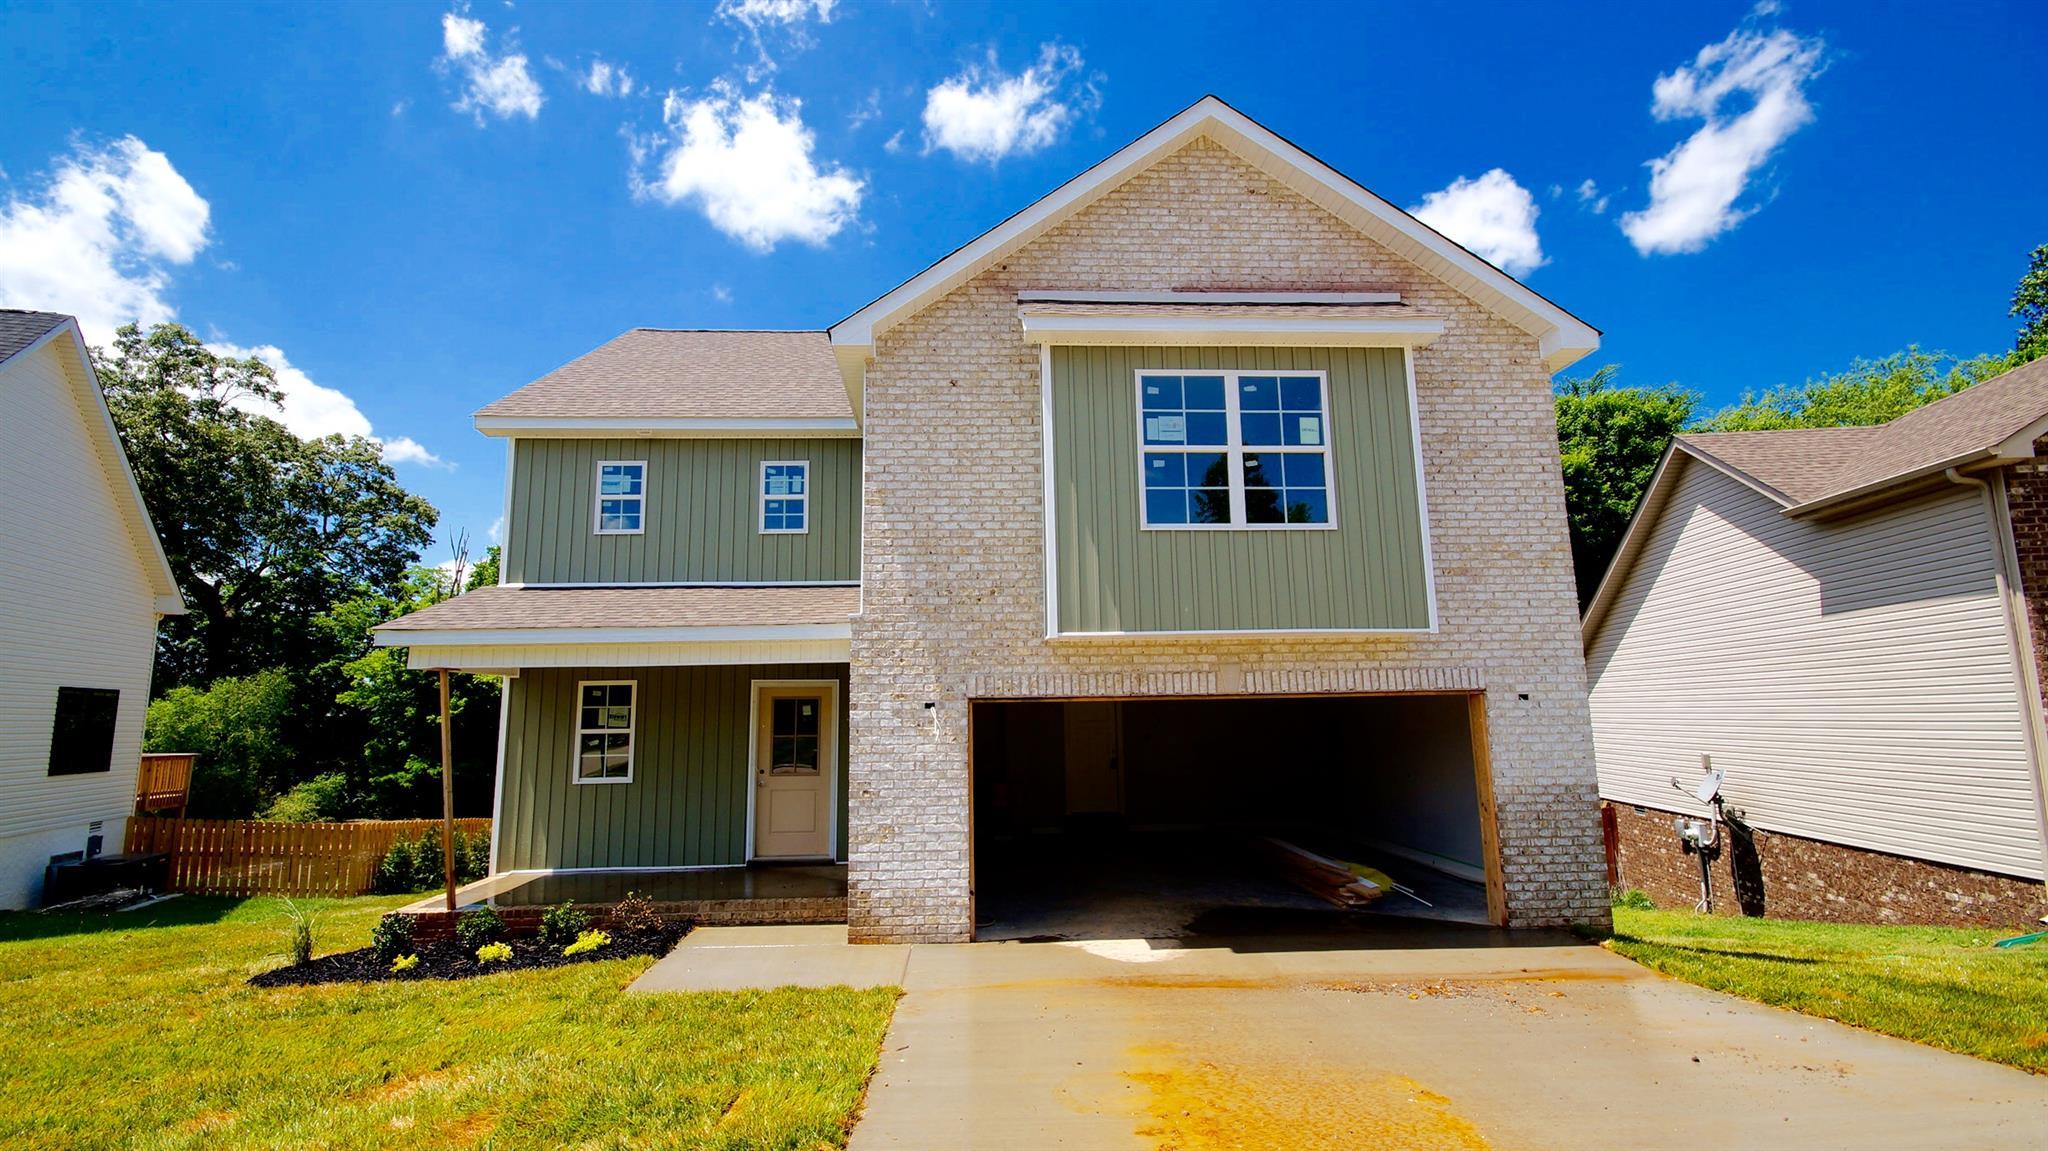 Photo of 568 Parkvue Village Way  Clarksville  TN